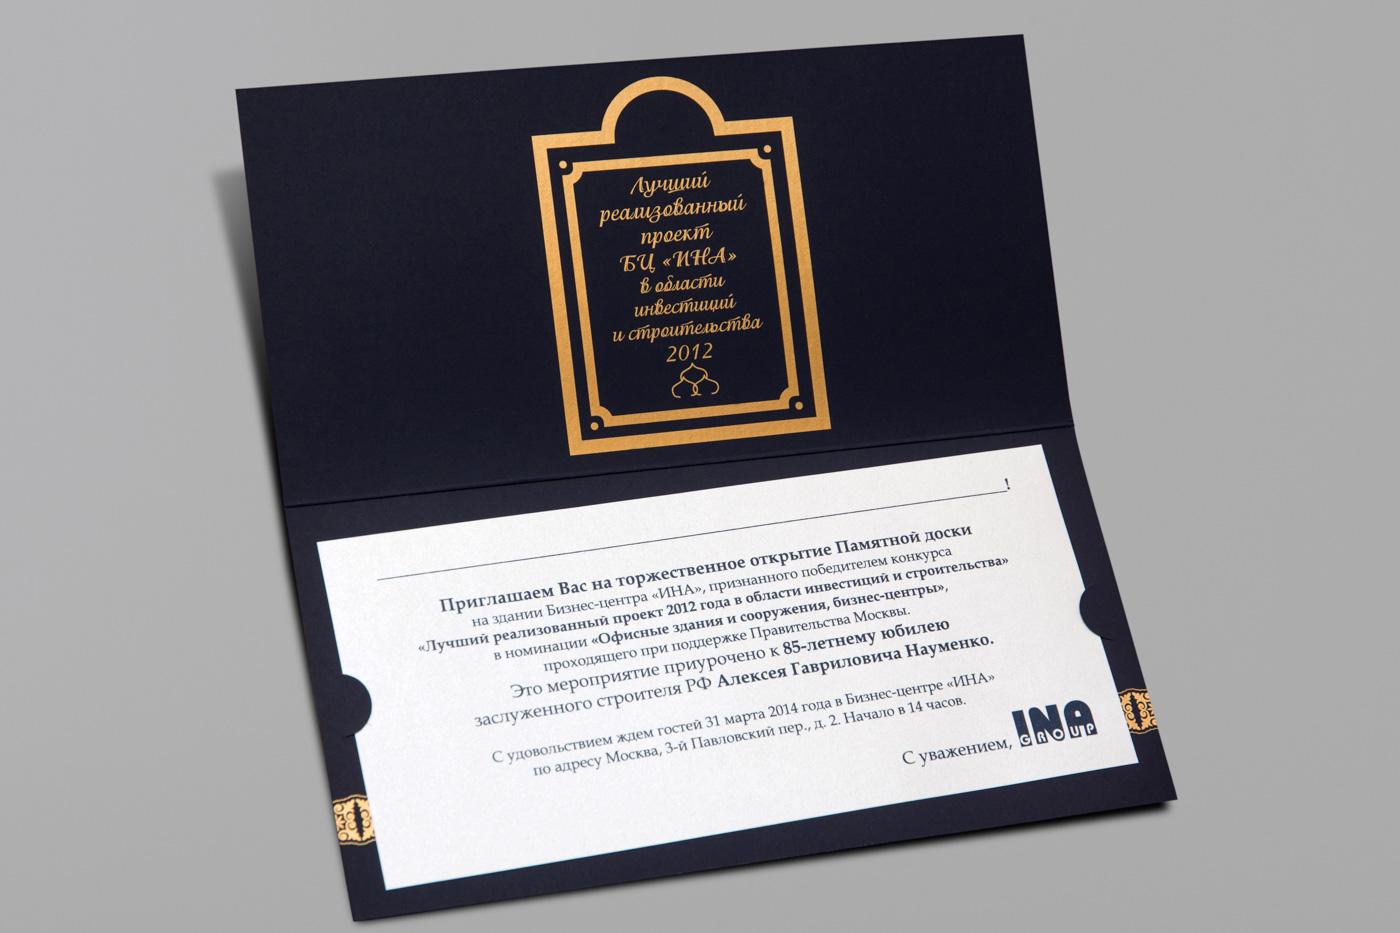 Образец открытки приглашения на открытие, камина